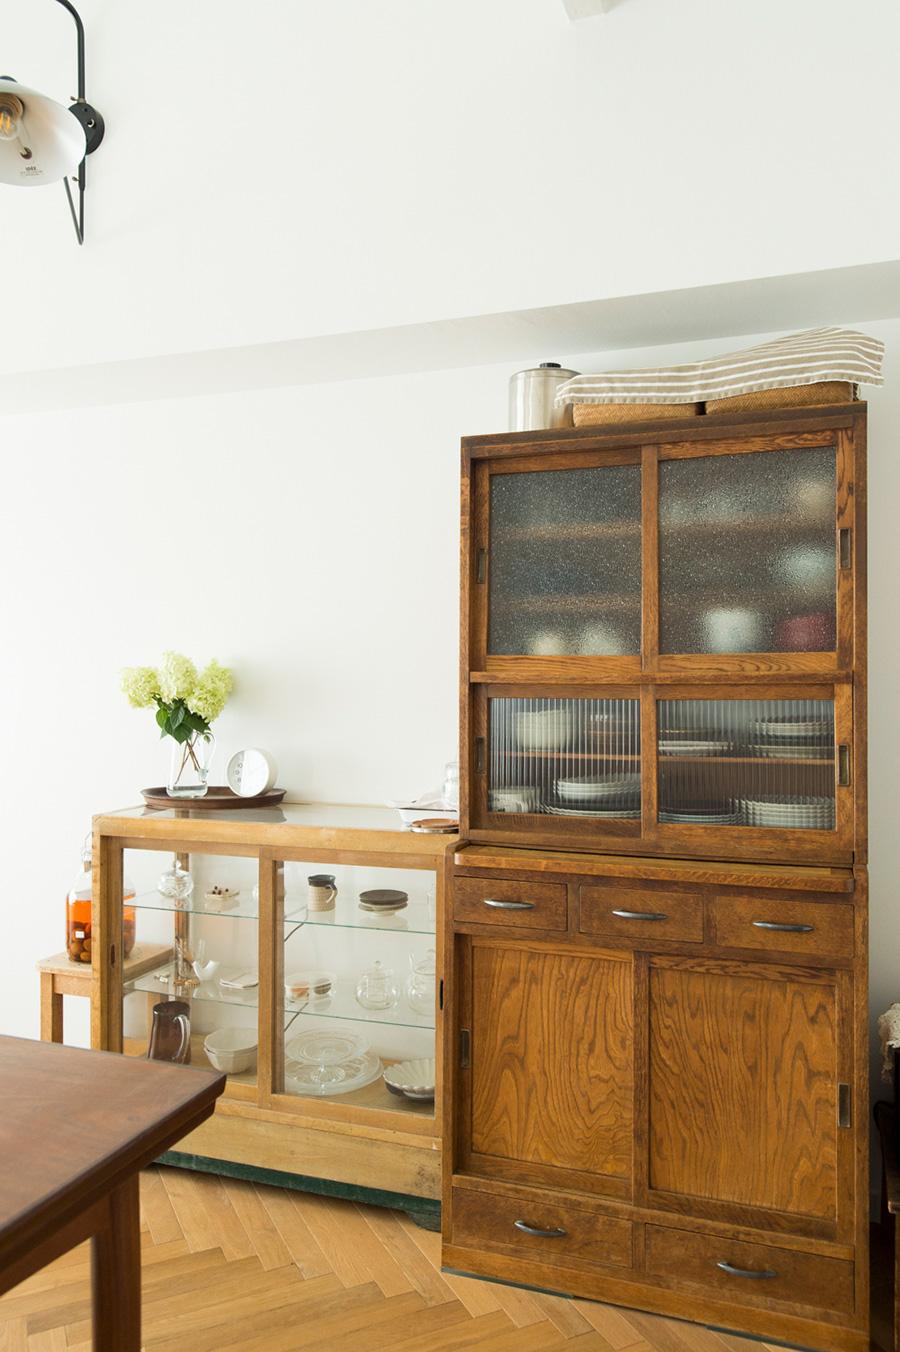 昔、古道具屋さんで購入したという年代もののキャビネットが、無垢の床と白い空間になじむ。